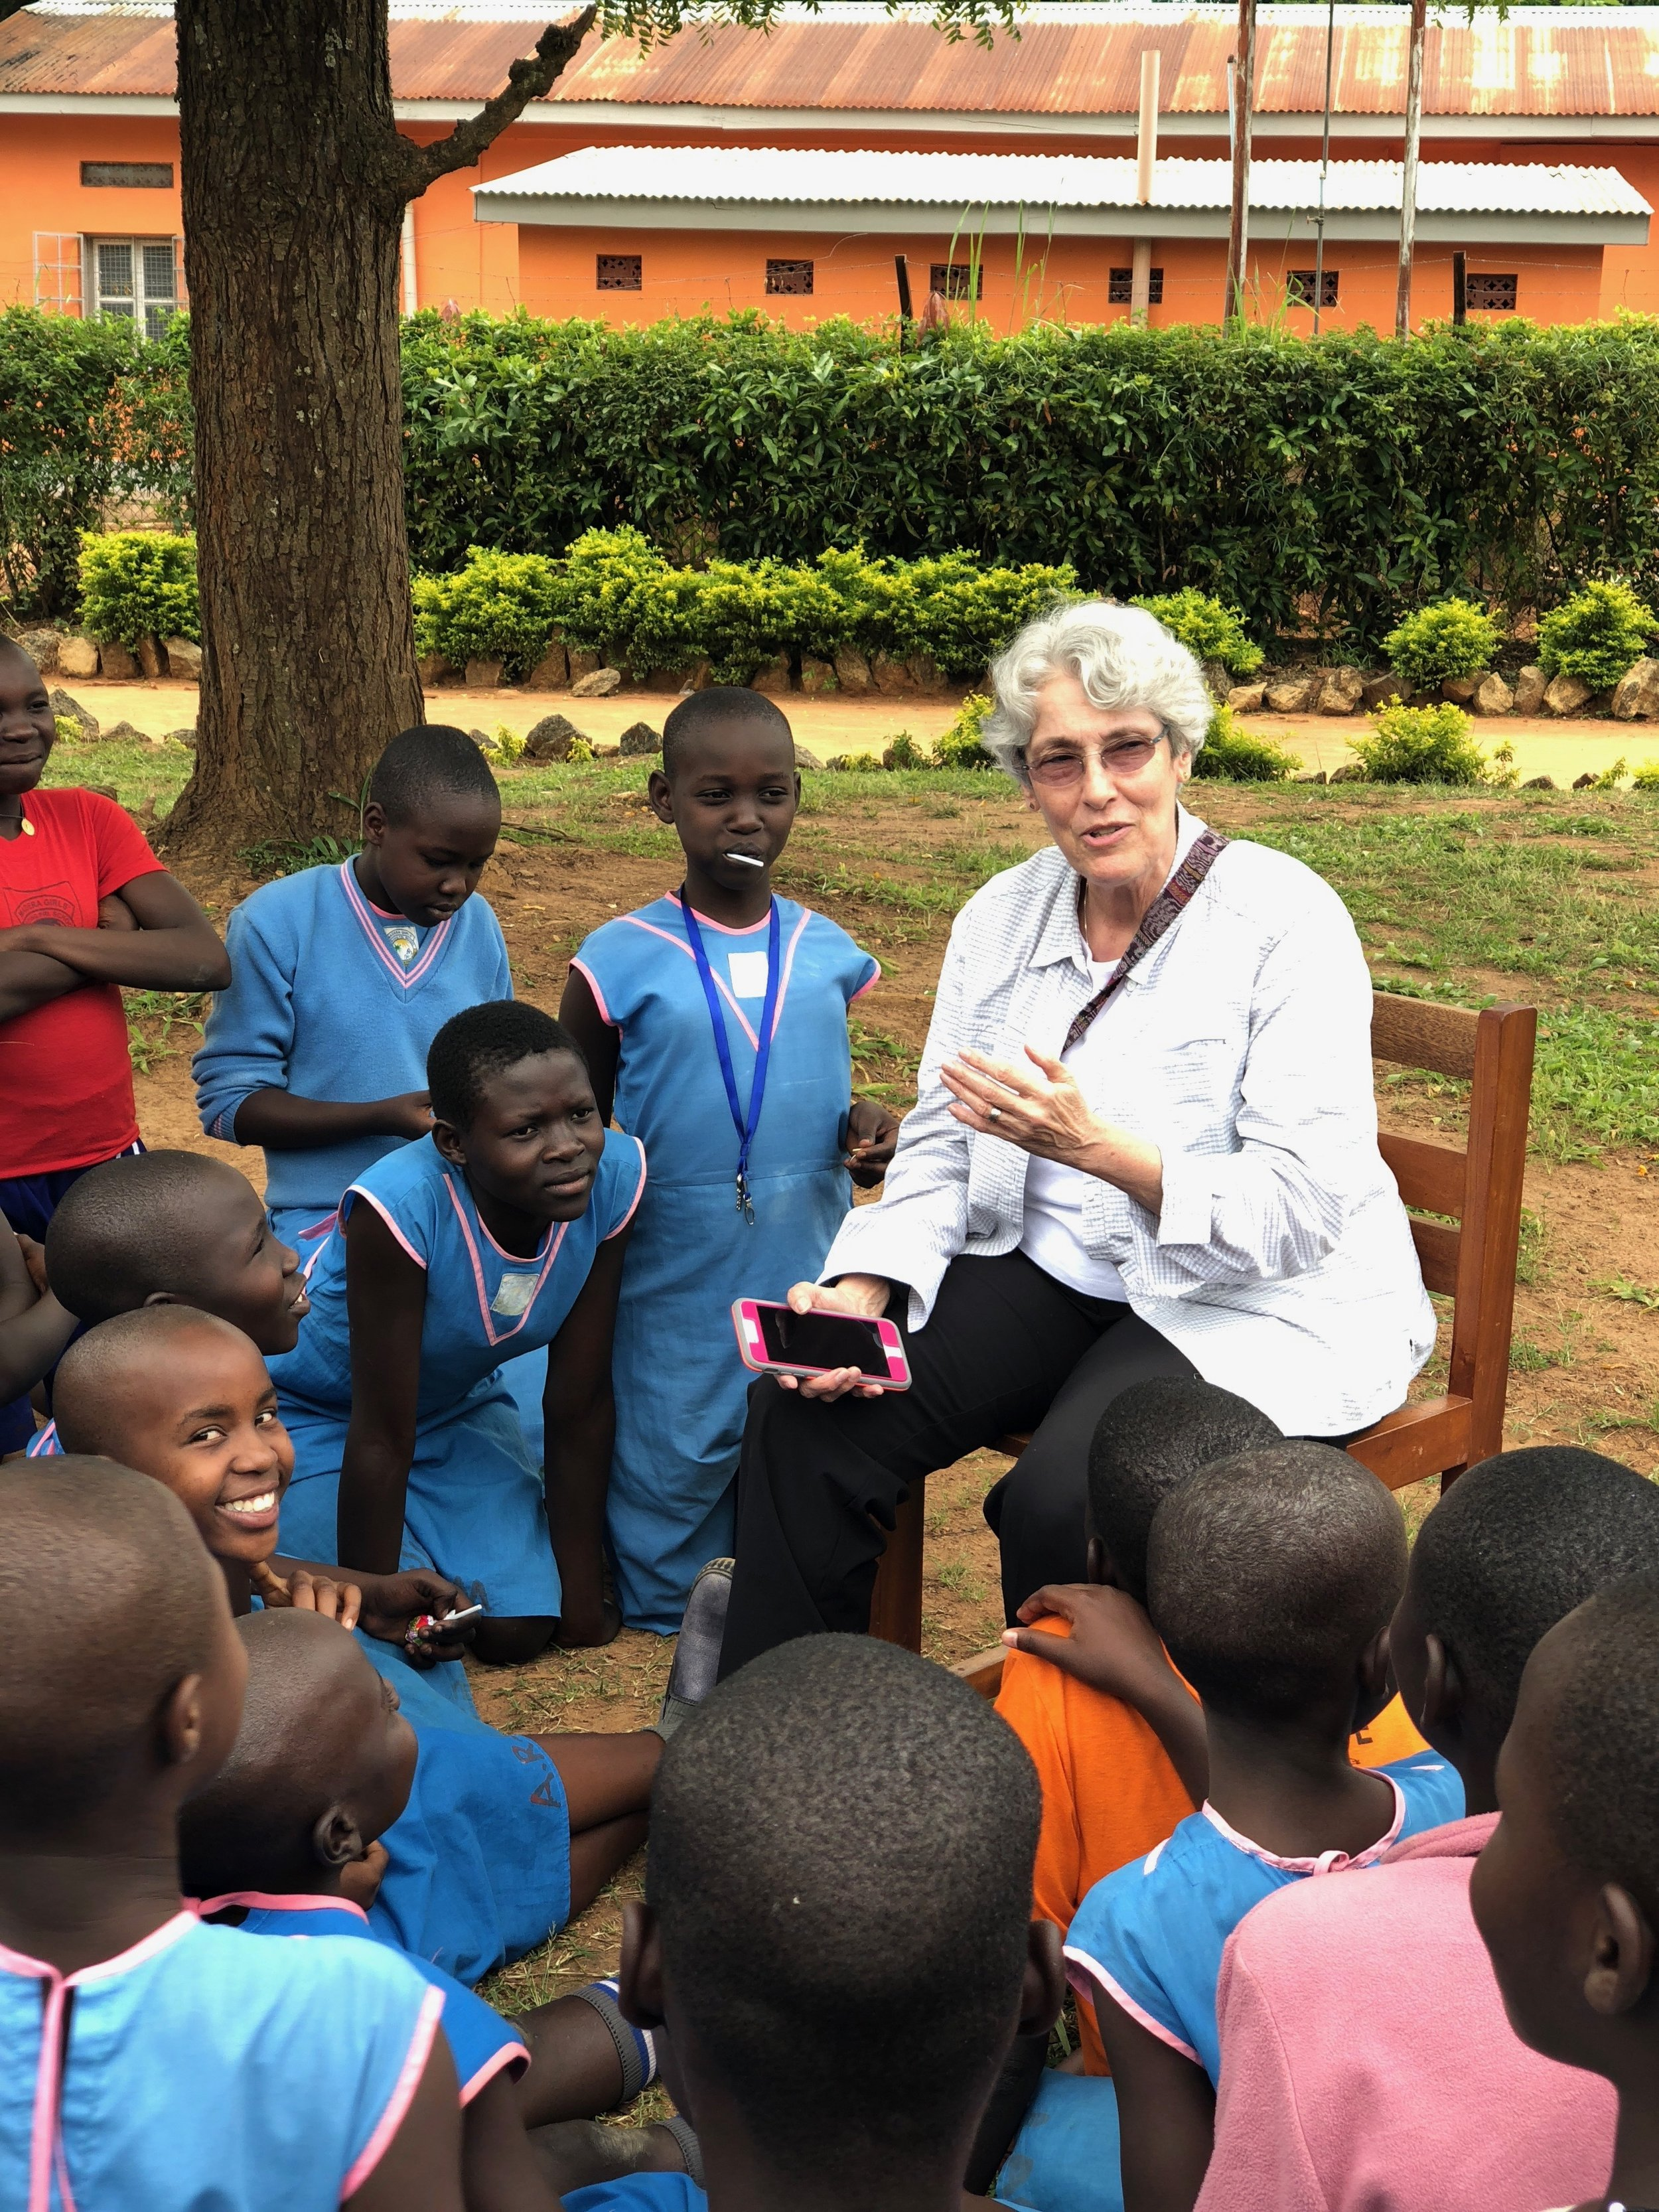 Dr. Jeanne Gradone -